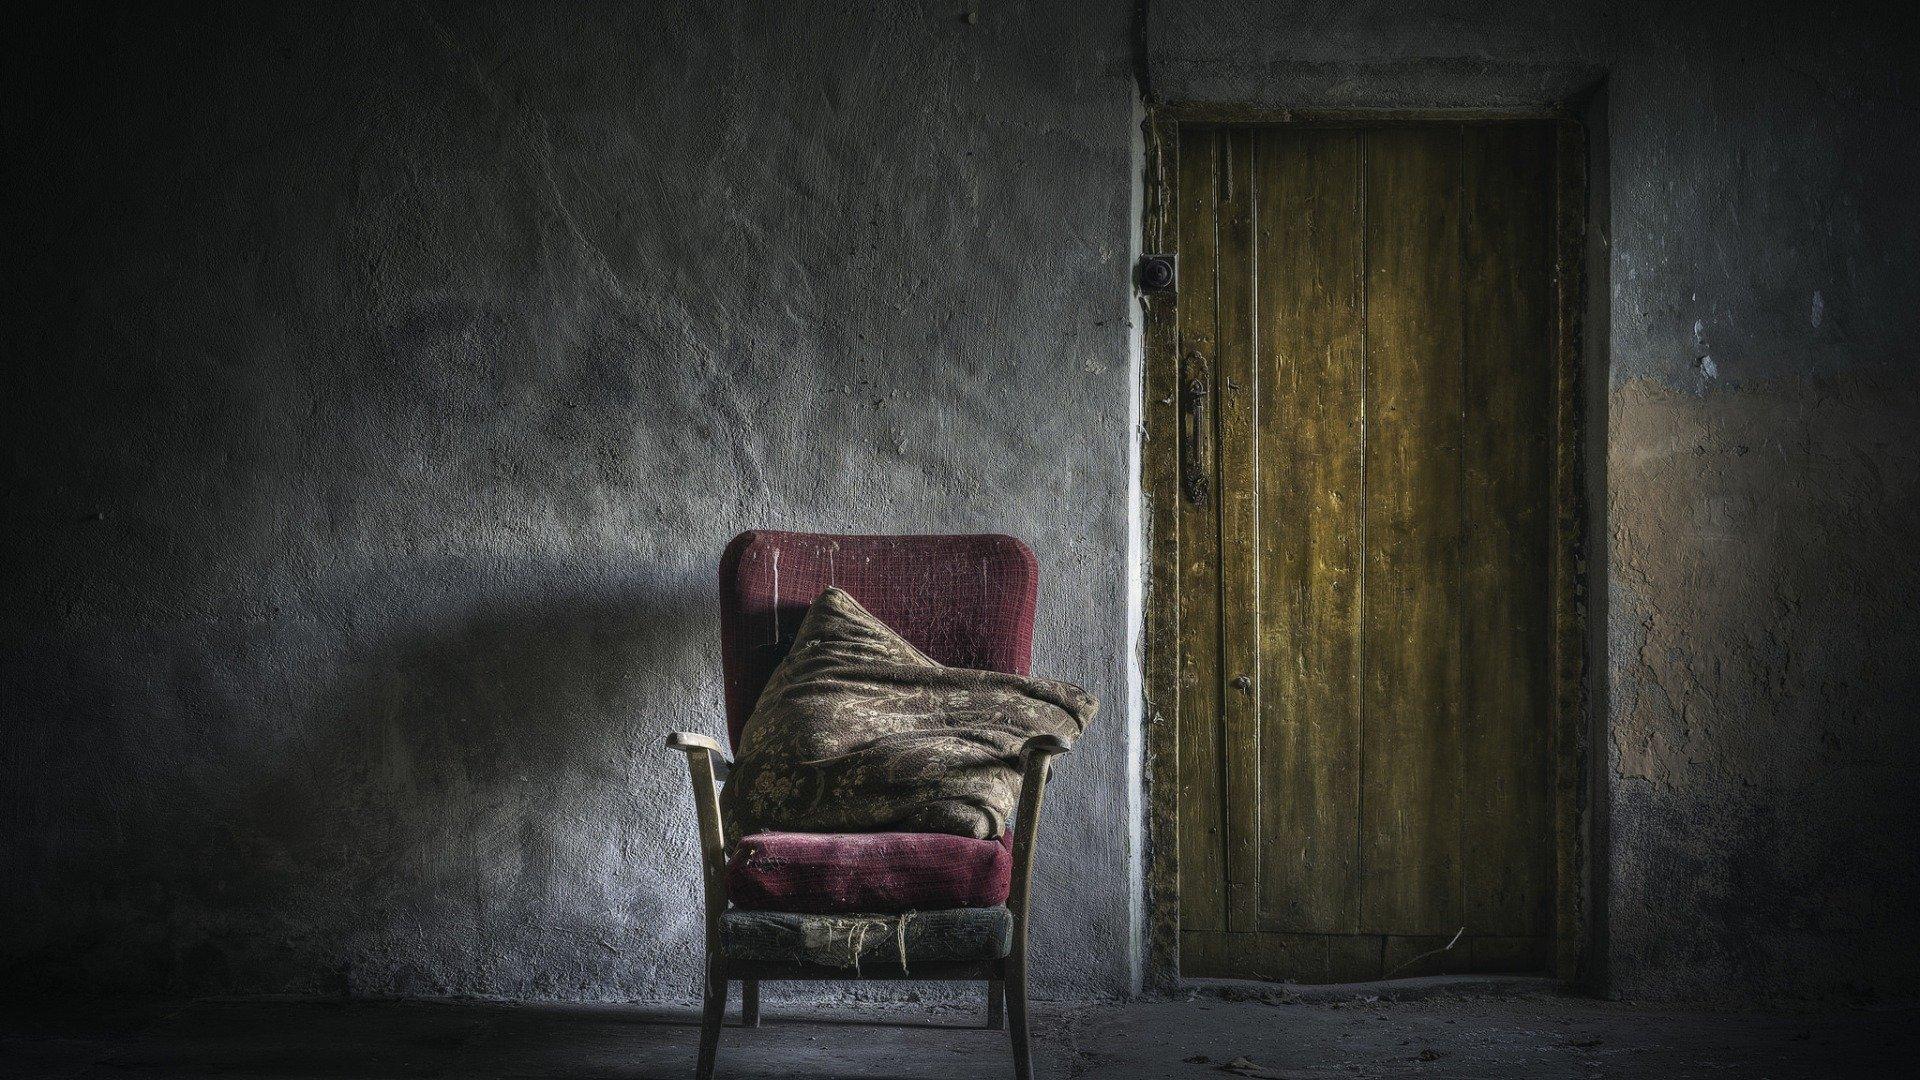 ВТаллине изсемьи русских  жителей  изъяли восьмилетнюю девочку